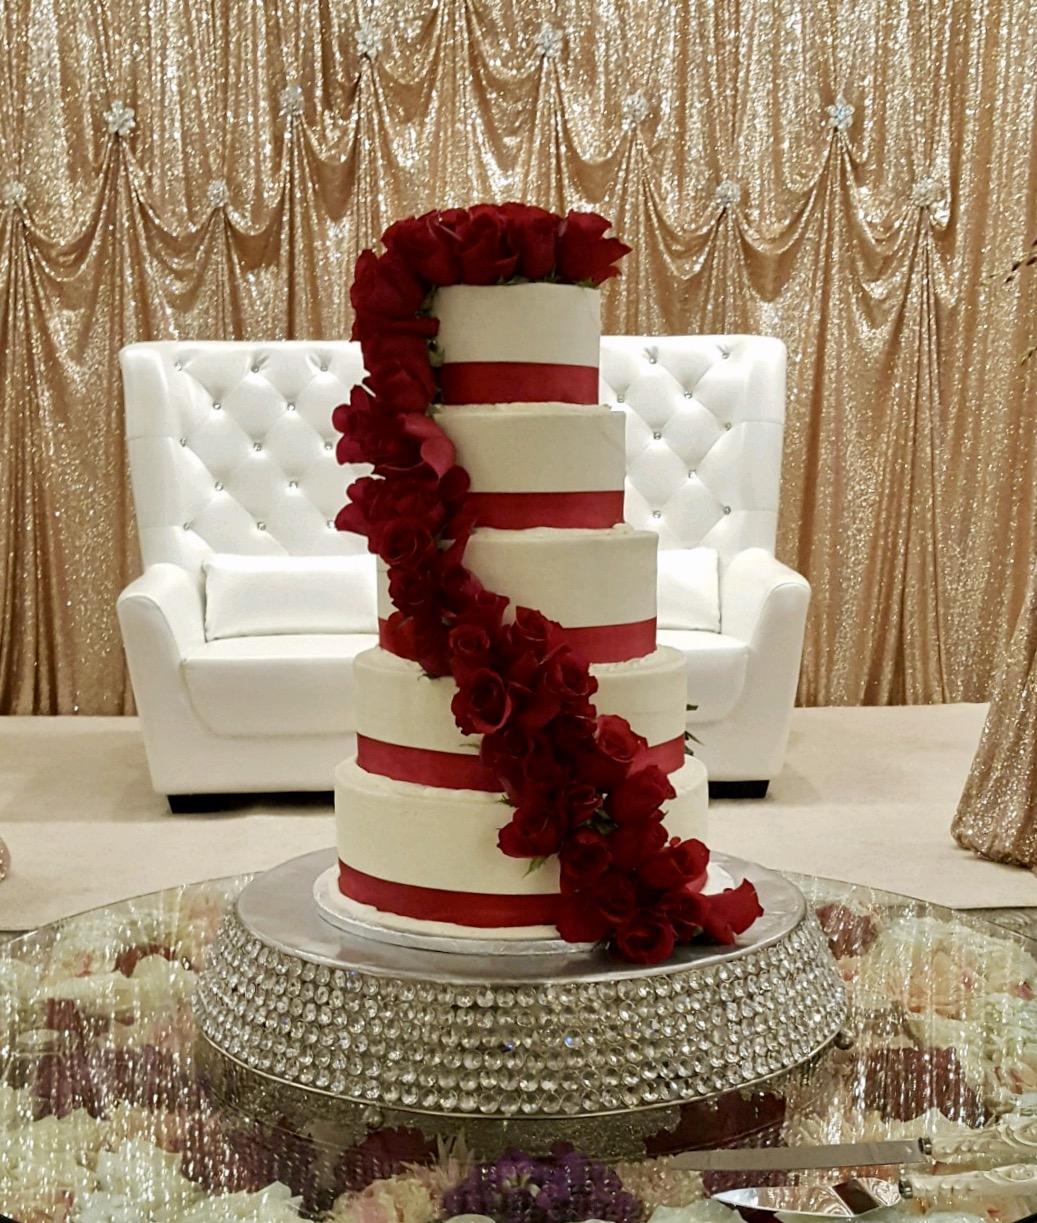 Wedding5tierRedFlowers.jpg